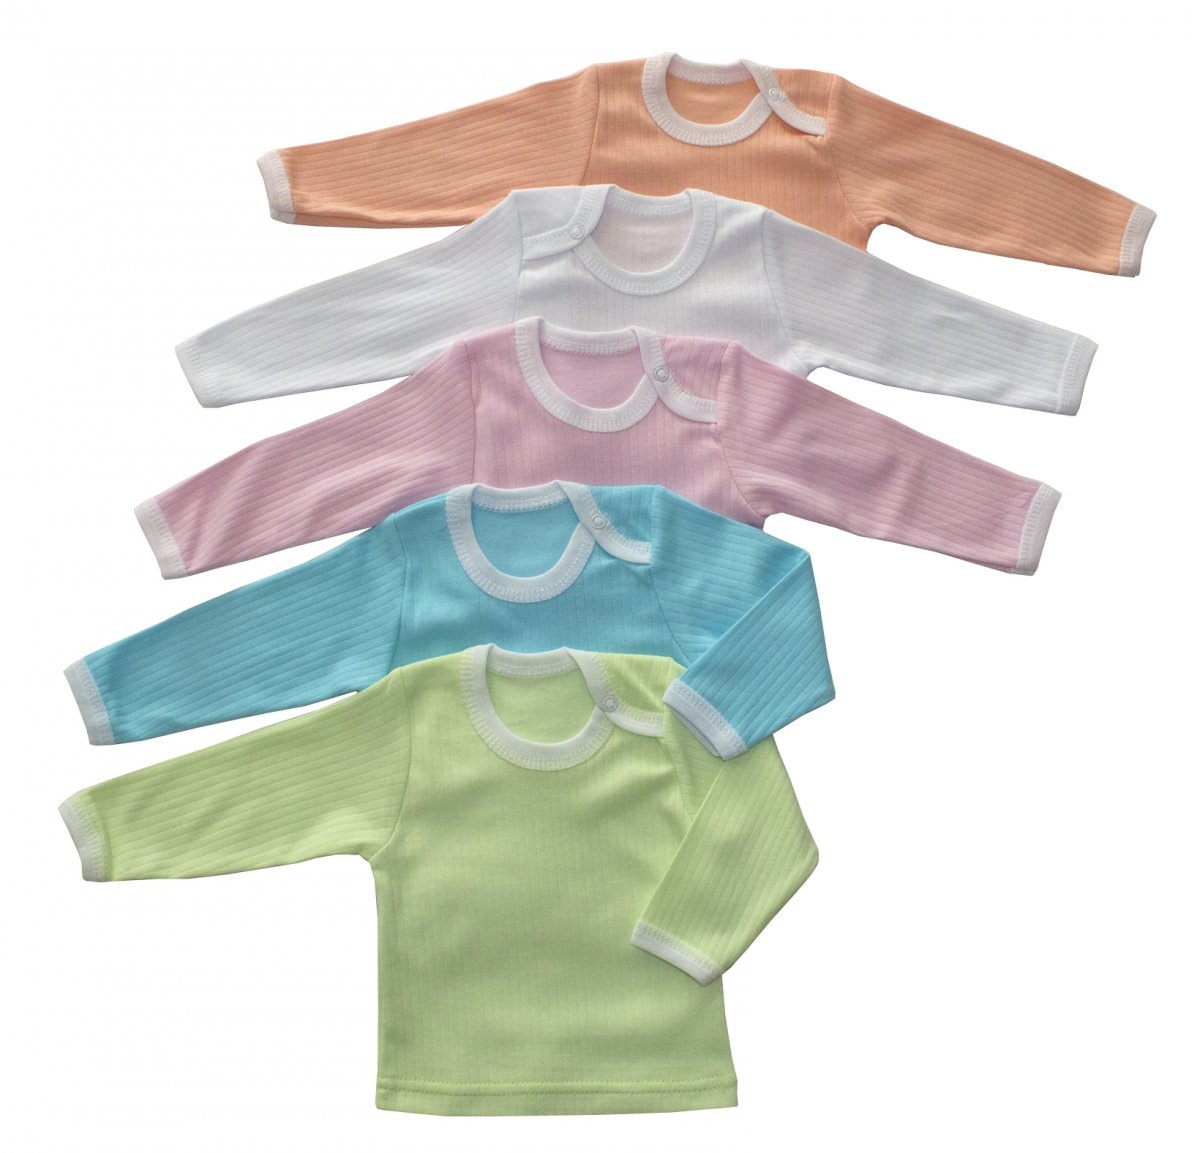 Фуфайка (футболка) детская Полосатик с длинным рукавомМайки и футболки<br><br><br>Размер: Рост 74 (размер 24)